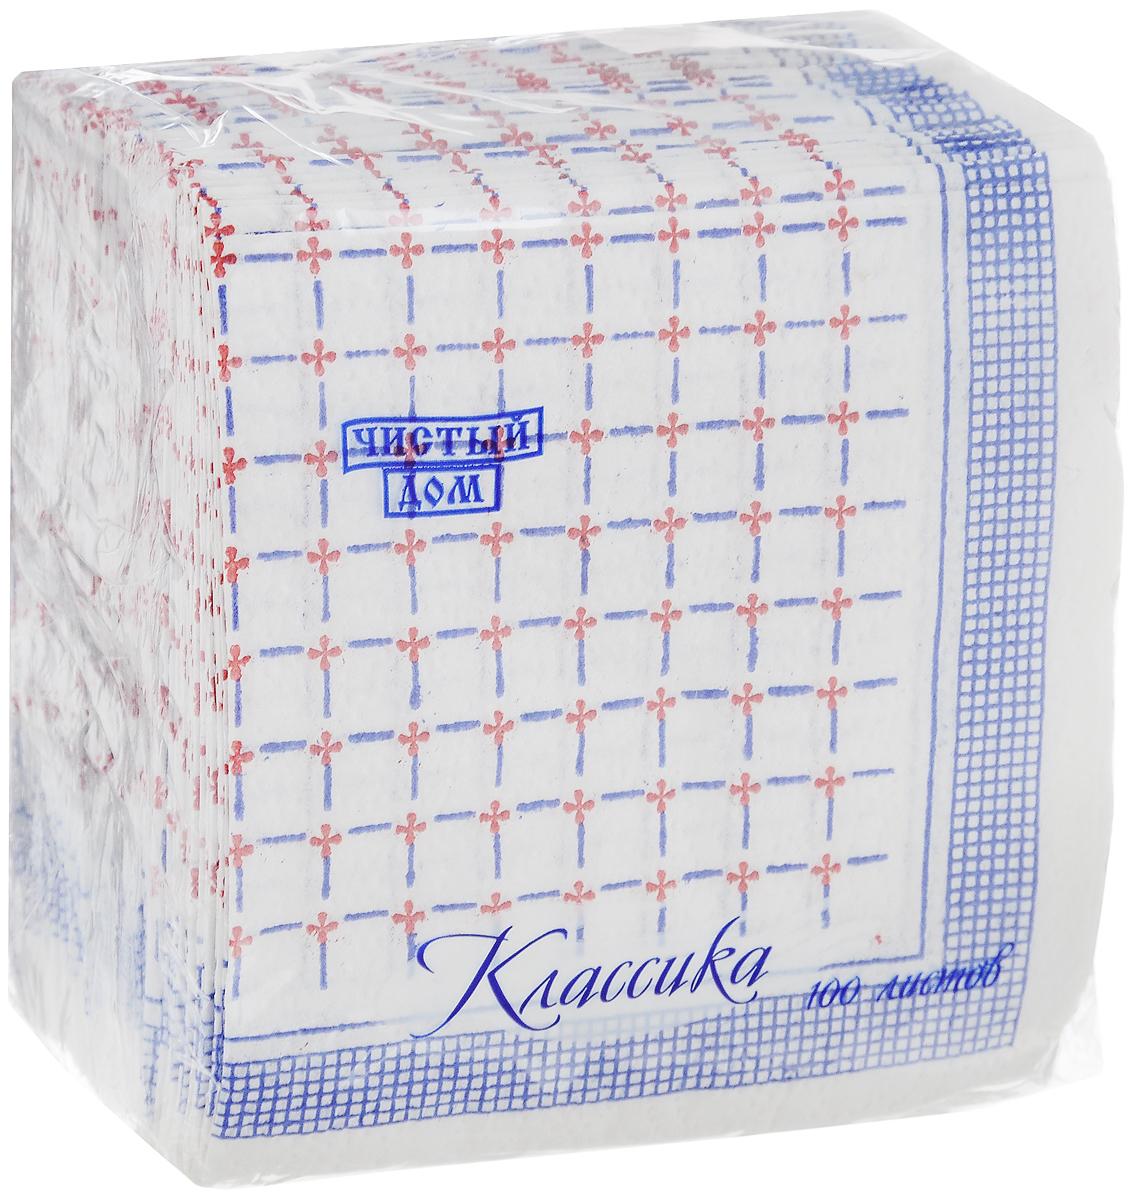 Салфетки бумажные Чистый дом Классика. Клетка, однослойные, цвет: синий, белый, красный, 25 х 25 см, 100 шт4606920000043_синий, белый, красныйОднослойные салфетки Чистый дом Классика. Клетка выполнены из 100% целлюлозы и оформлены рисунком в виде оригинальной клетки. Они подходят для косметического, санитарно-гигиенического и хозяйственного назначения. Изделия нежные и мягкие. Размер салфеток: 25 х 25 см. Количество слоев: 1.